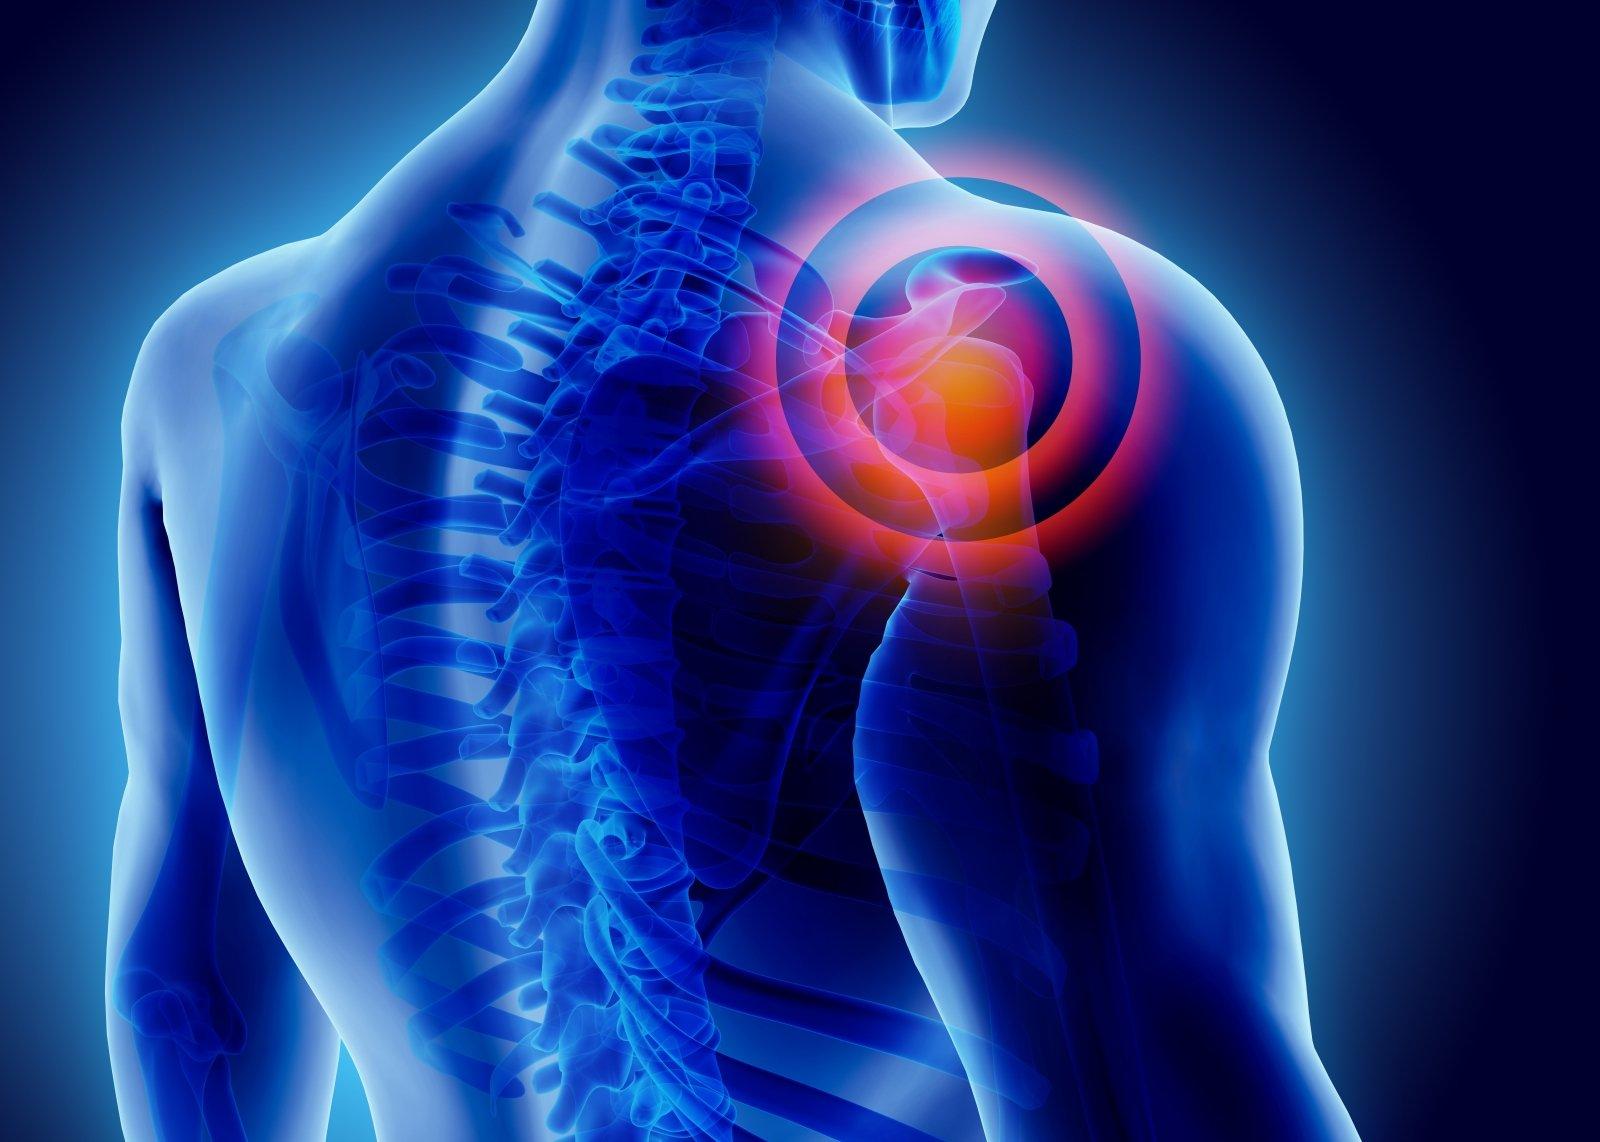 konsultacijos dėl artrozės gydymo